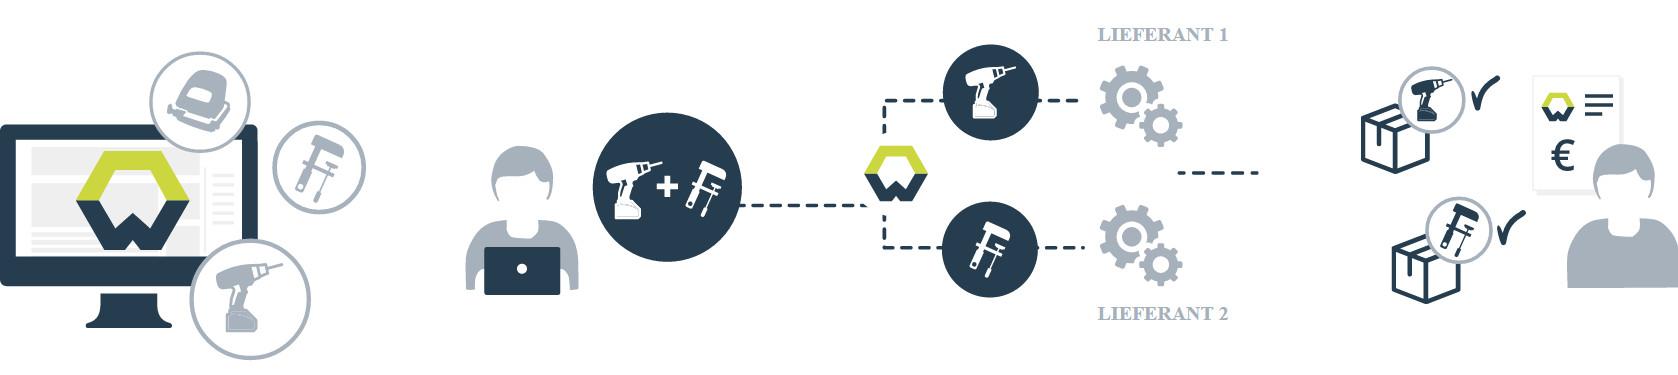 Wucato Geschäftsmodell - Bild: Wucato.de